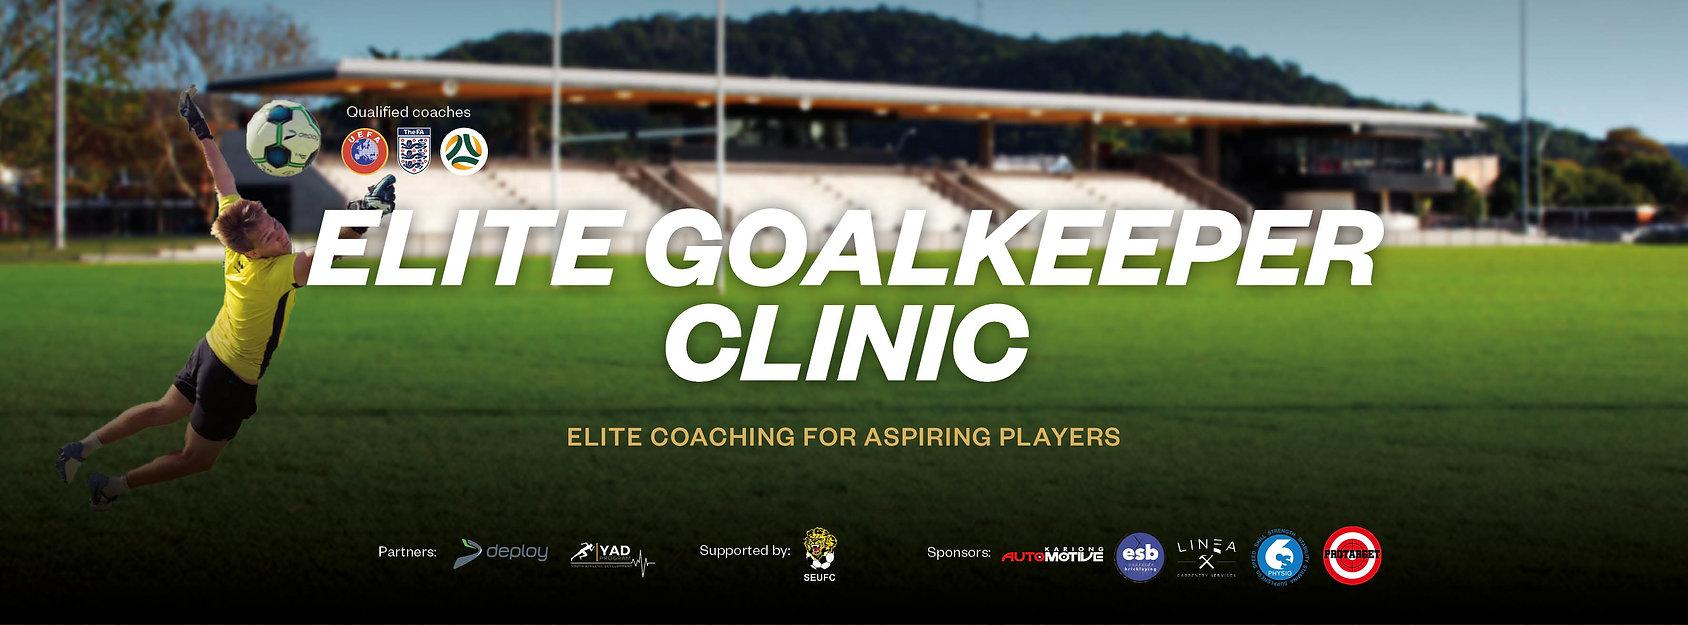 elite gk clinic banner 2.jpg